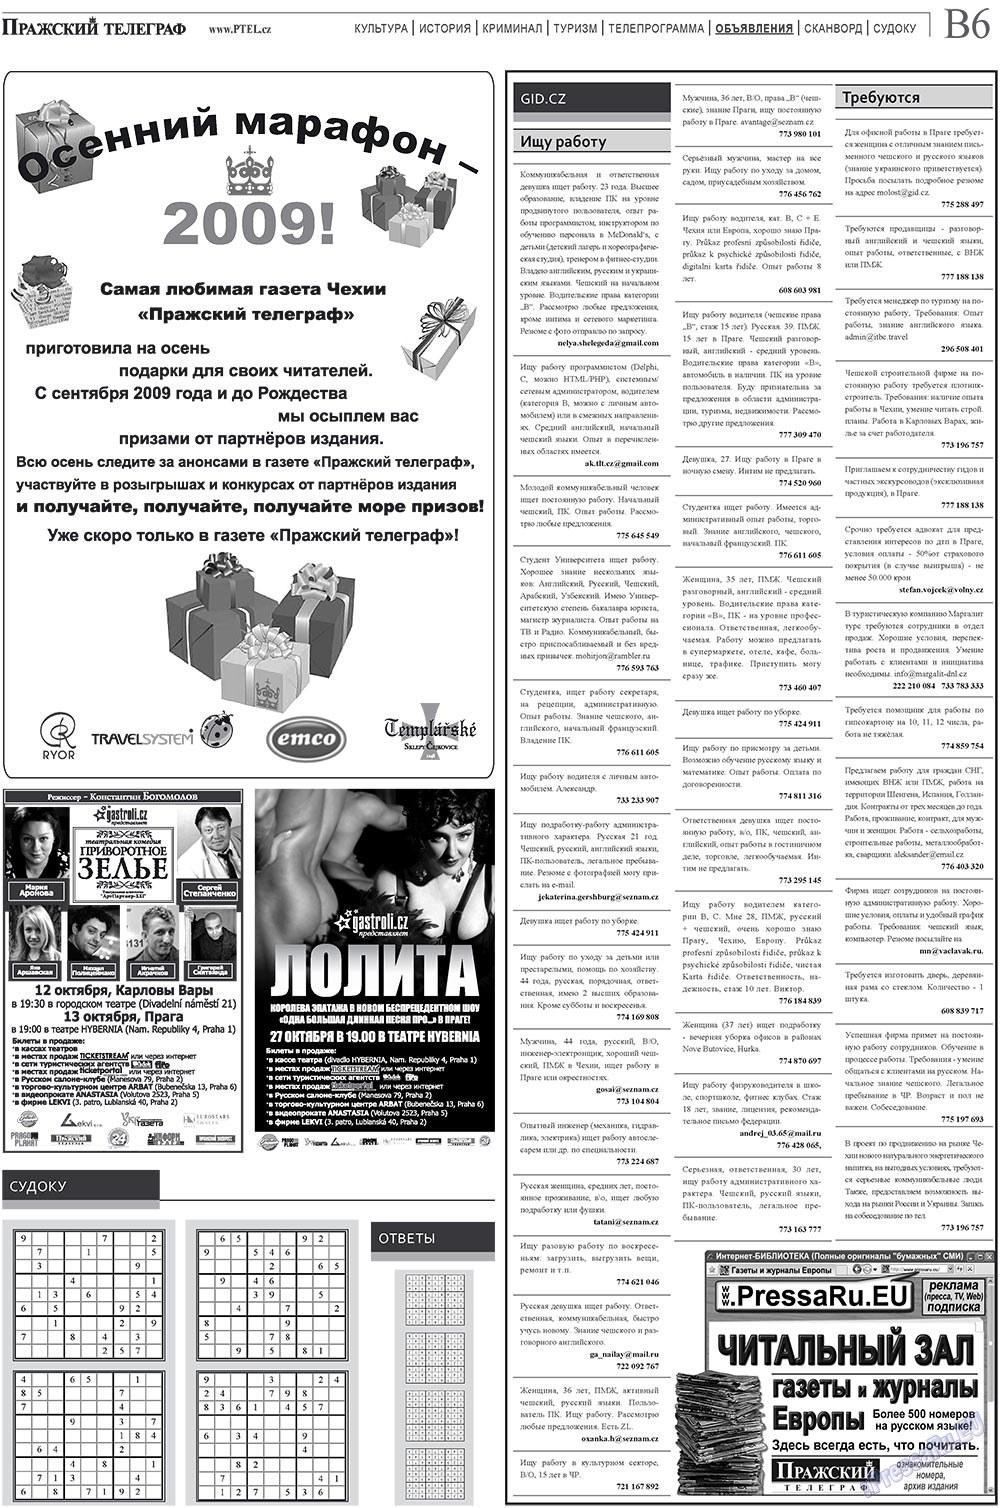 Пражский телеграф (газета). 2009 год, номер 19, стр. 14